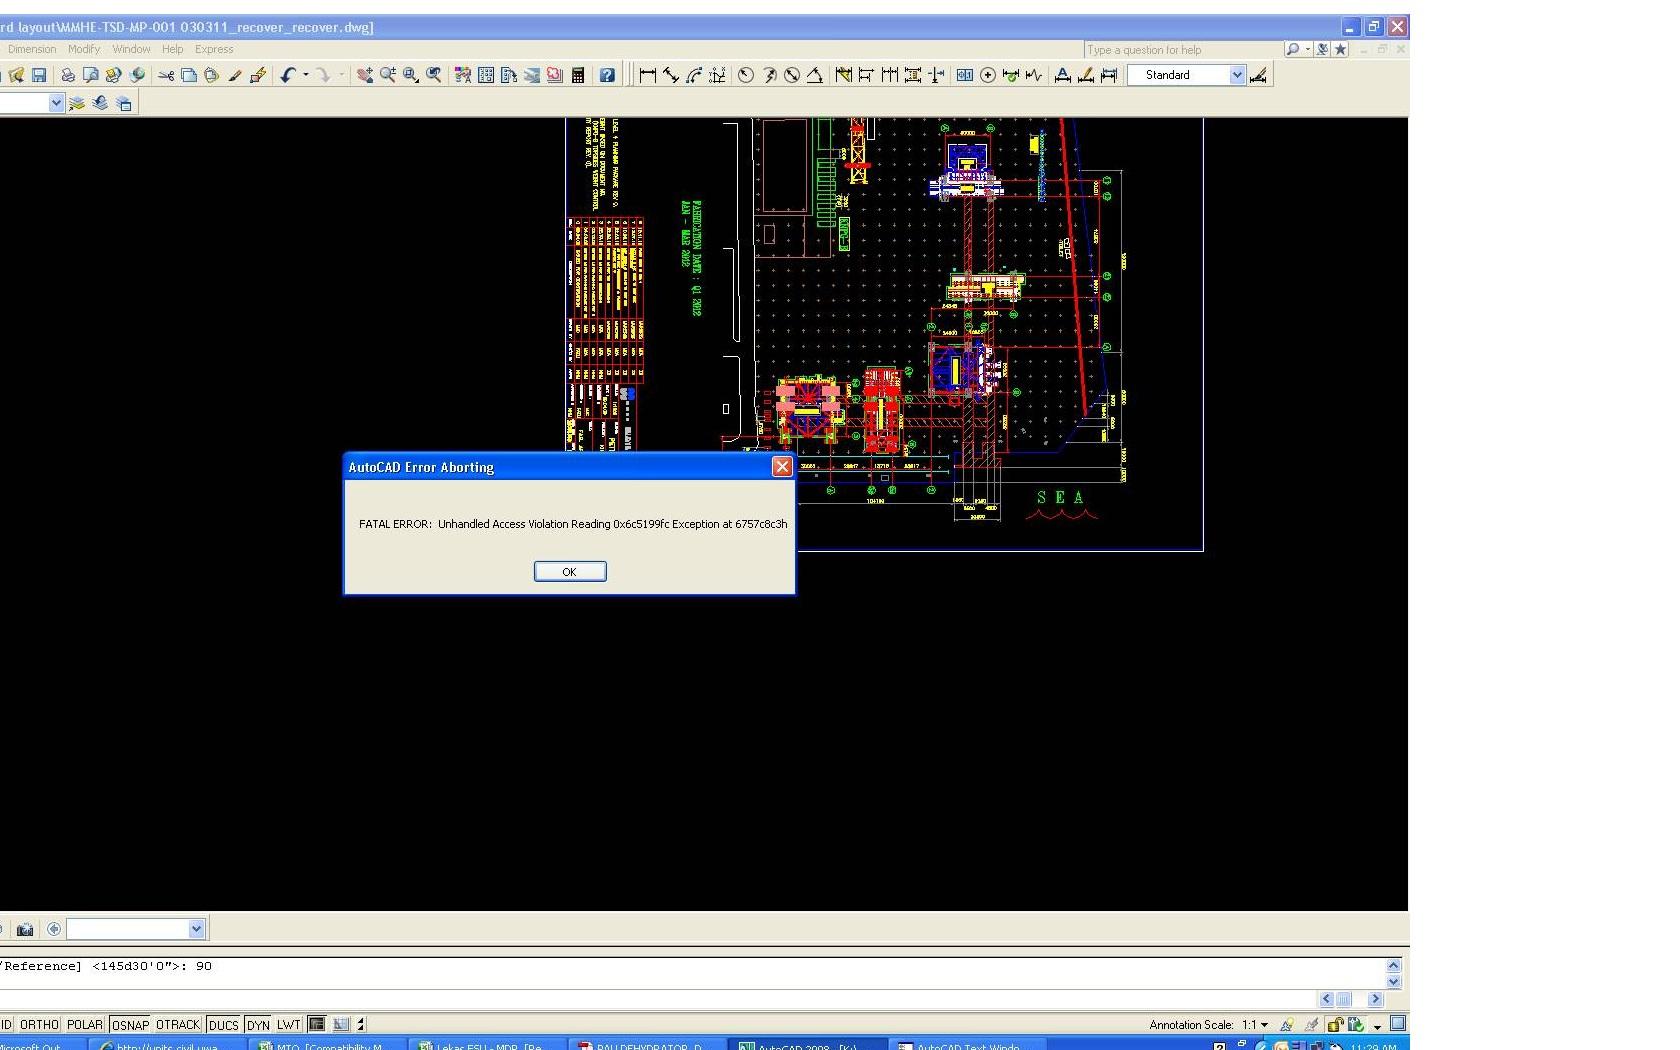 Download autocad 2008 full crack cho win 7 64bit freeware.